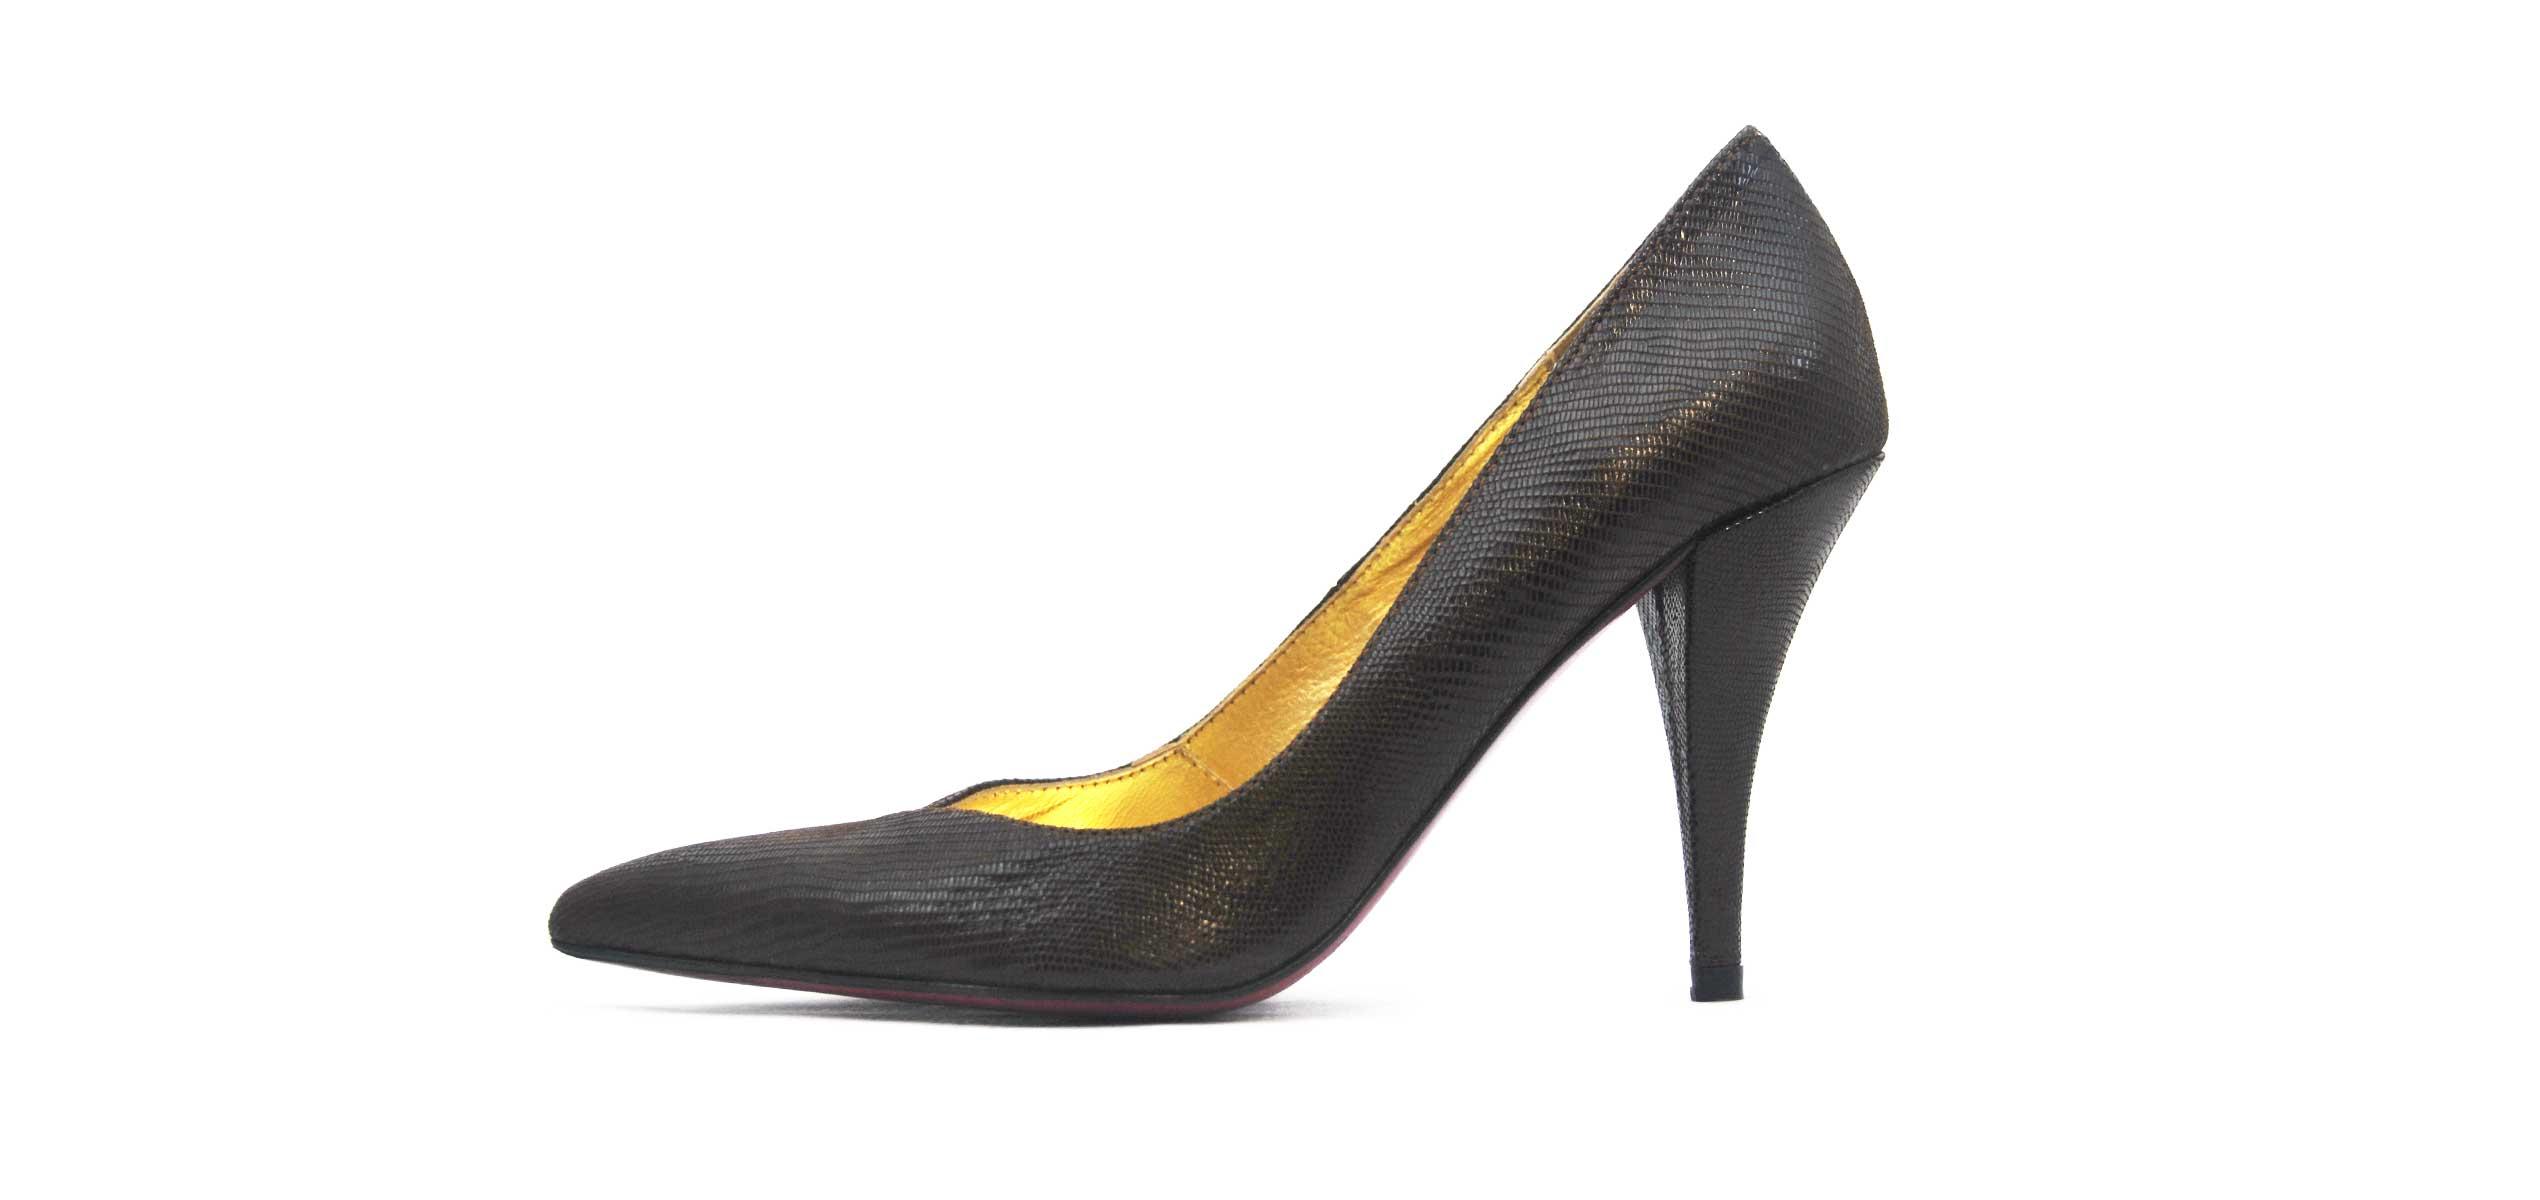 Foto 1 de Zapato Tacon Negro Mamba